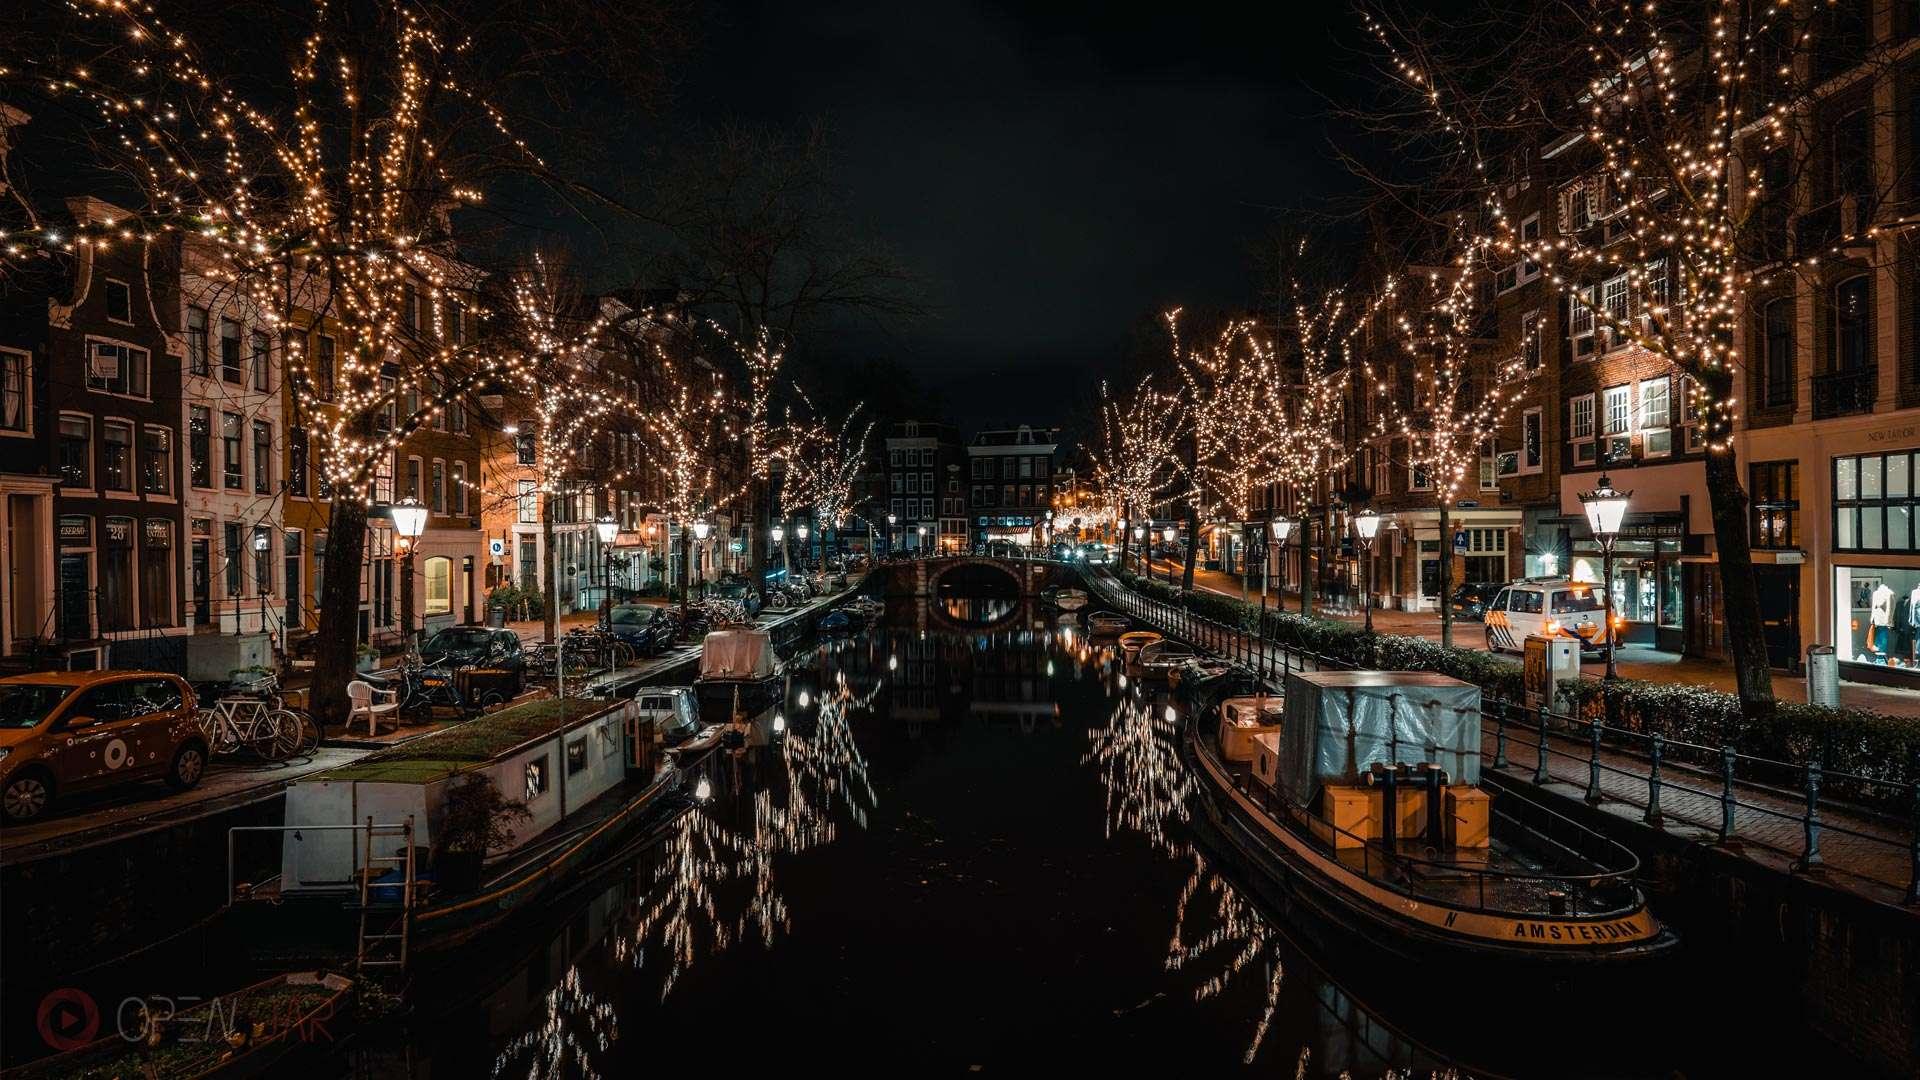 Spiegelung von Lichterketten im Kanal in Amsterdam